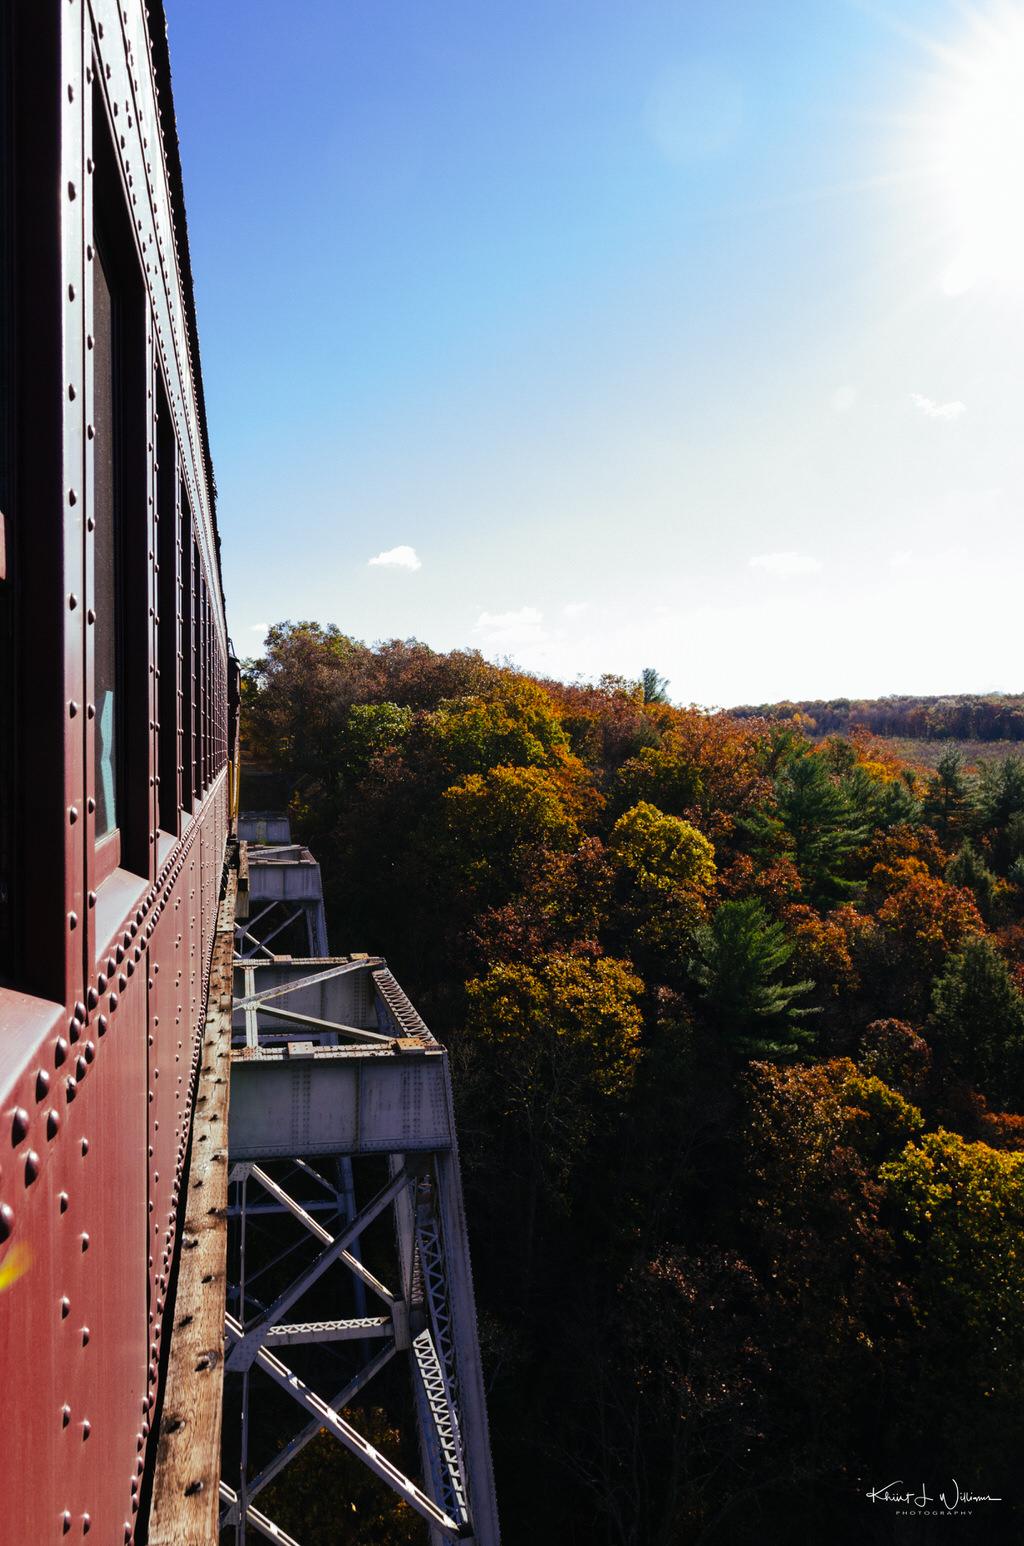 Autumn Leaf Excursion to Jim Thorpe on the Lehigh Gorge Scenic Railway NIKON D5100 20161023 4770 1